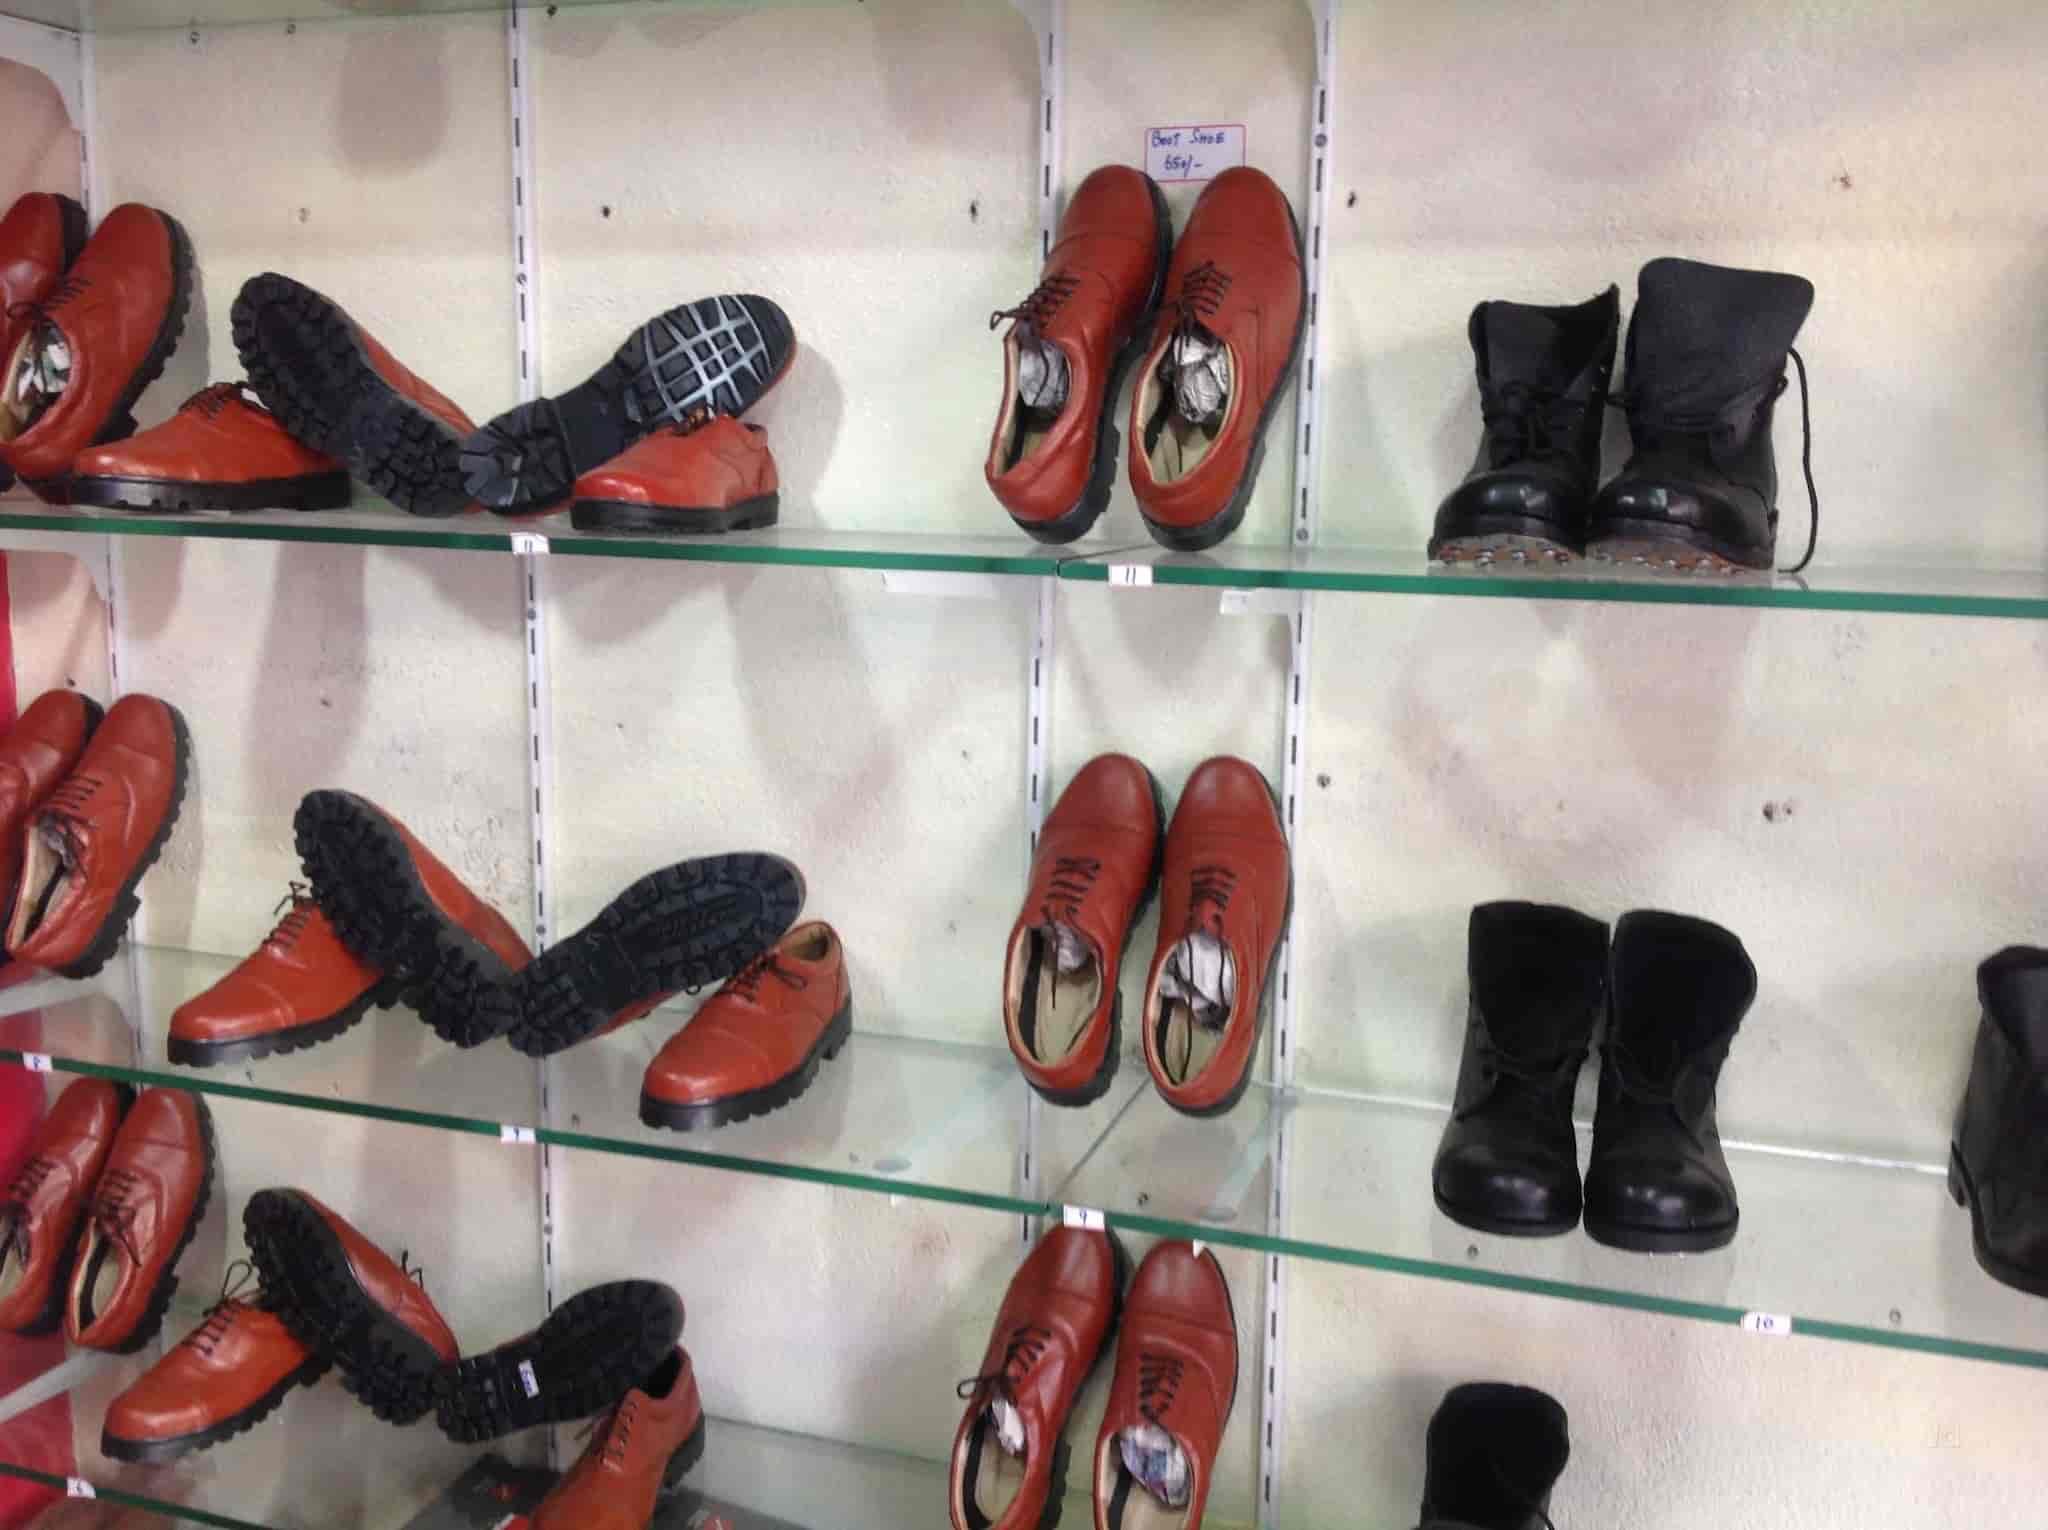 ncc shoes shop near me